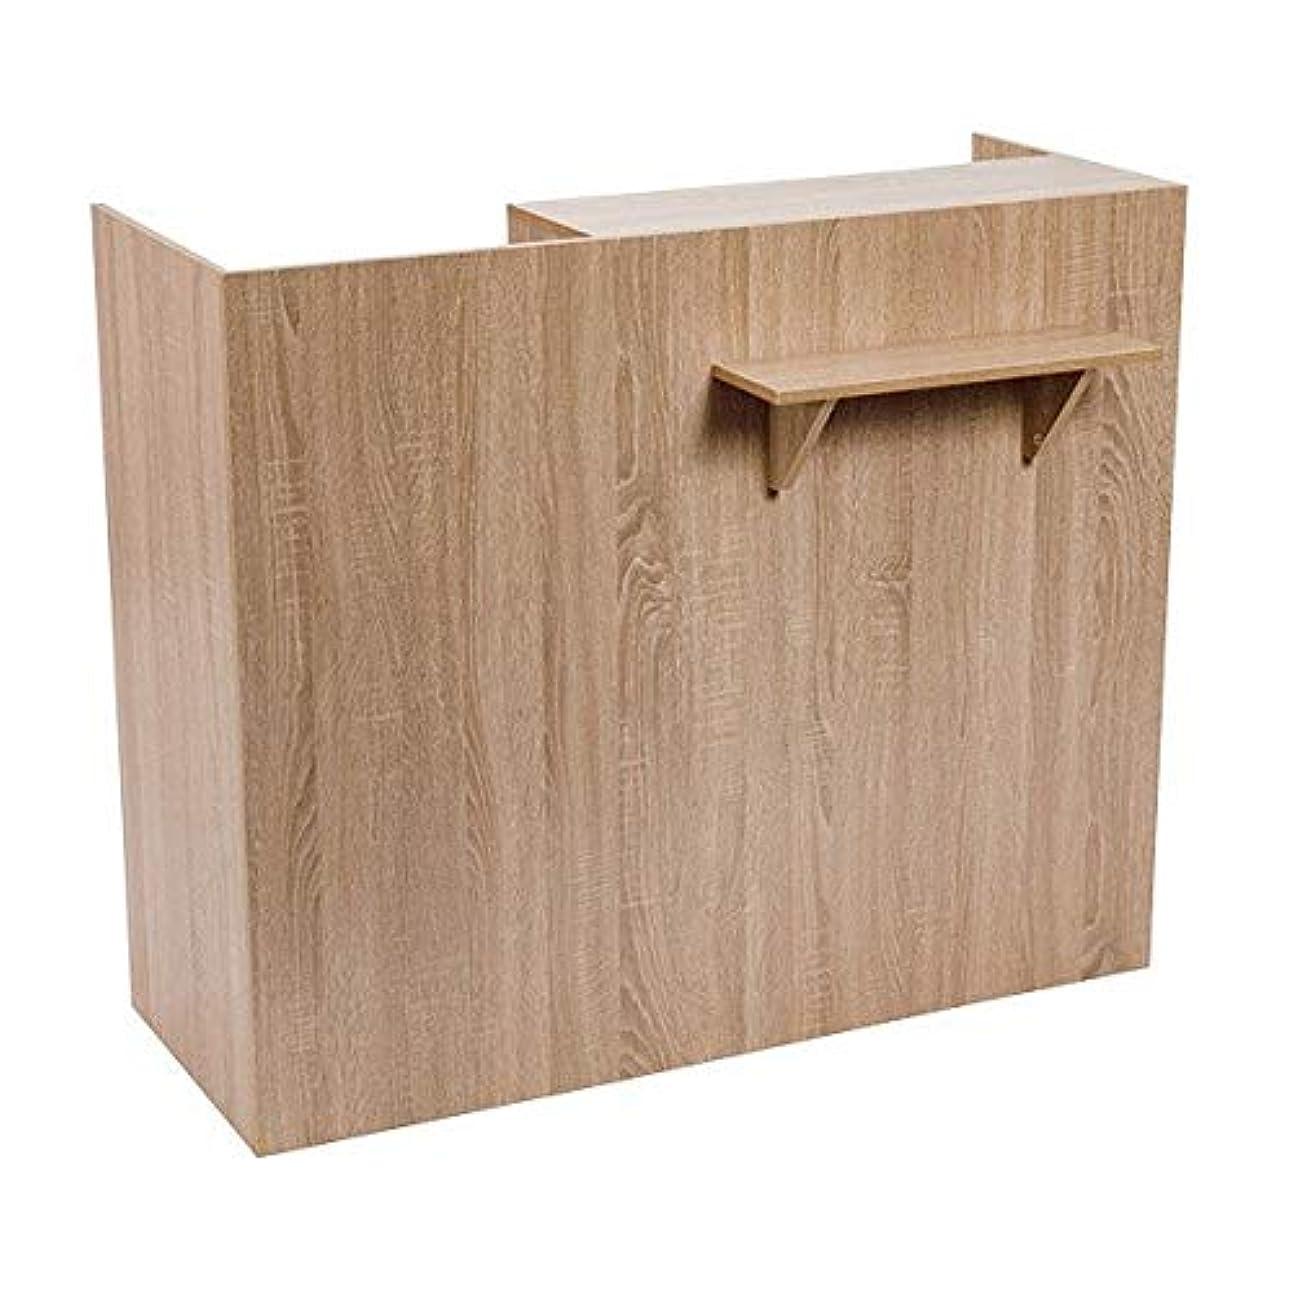 フェッチ後ろ、背後、背面(部うなる木製レジカウンター (ブラウン) FV-2531 [W1200] レジカウンター レジ台